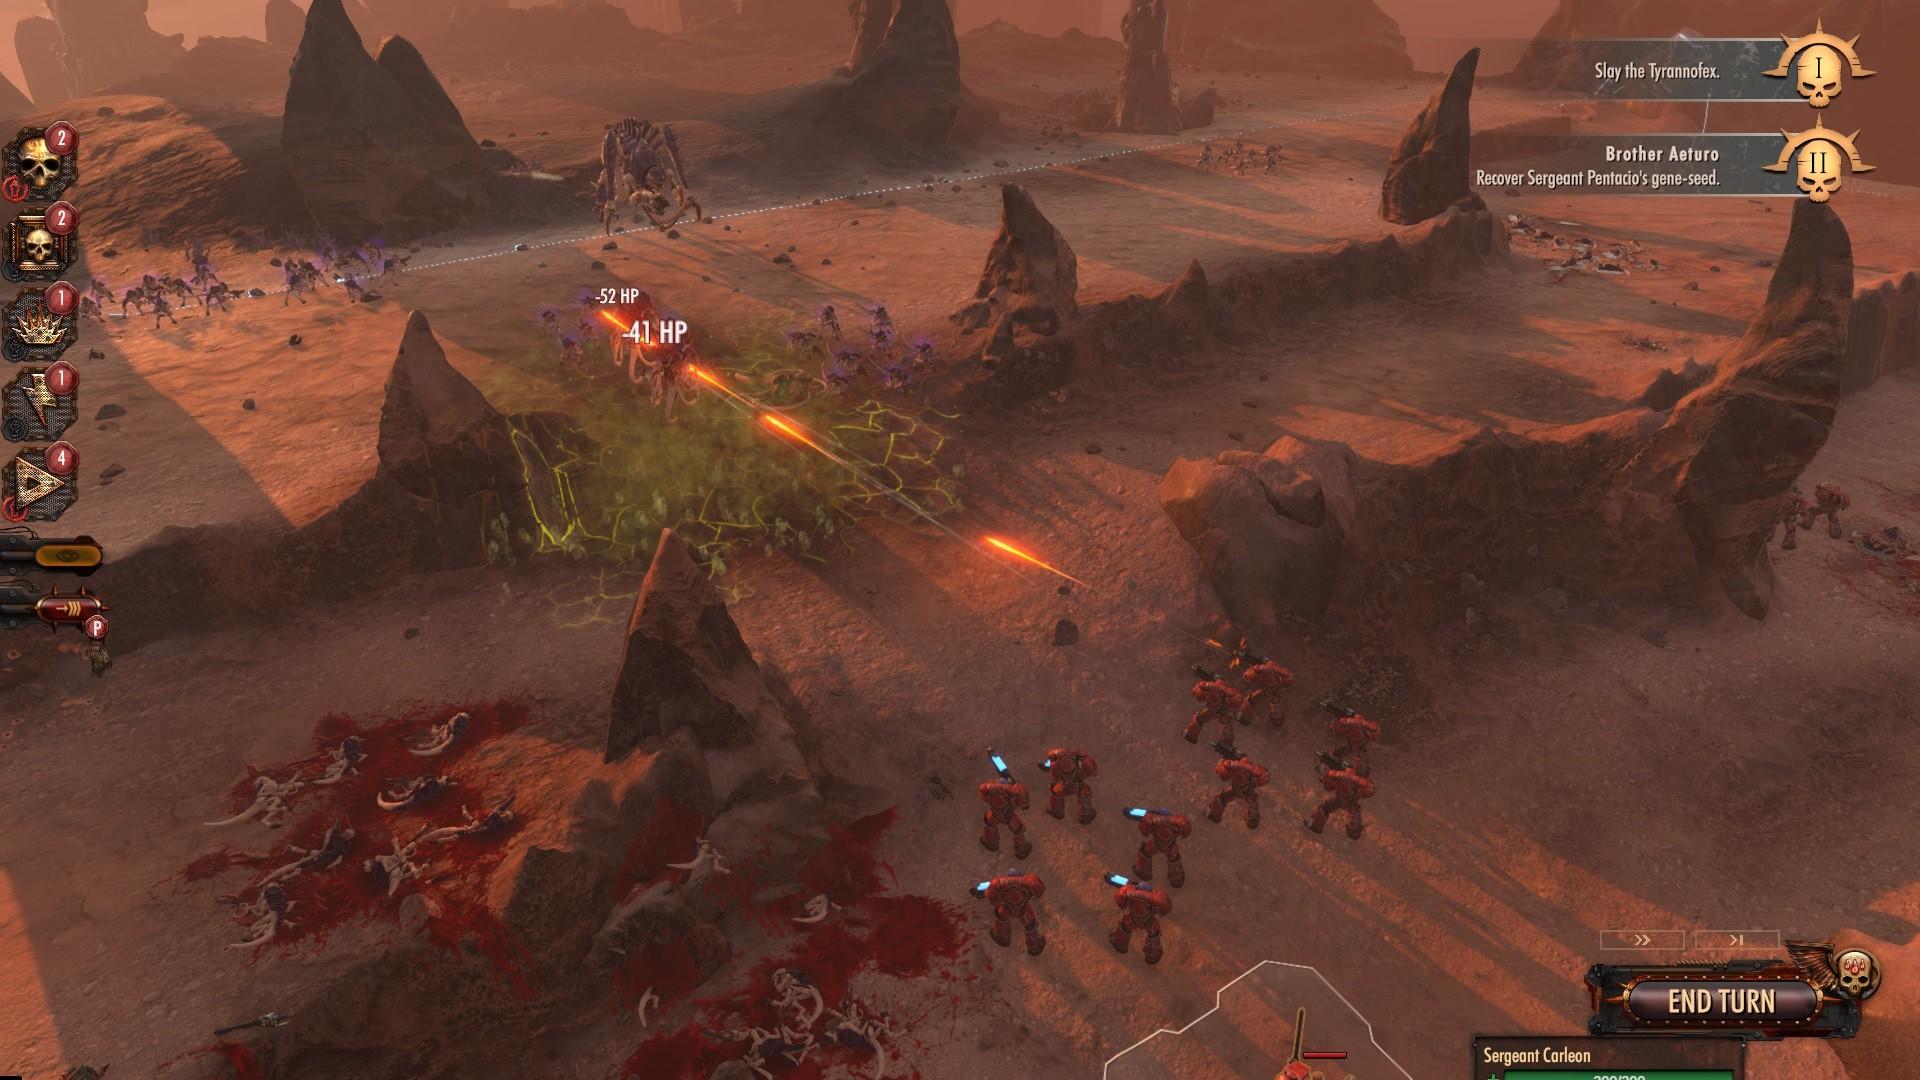 Warhammer 40,000: Battlesector Fiyat Karşılaştırma